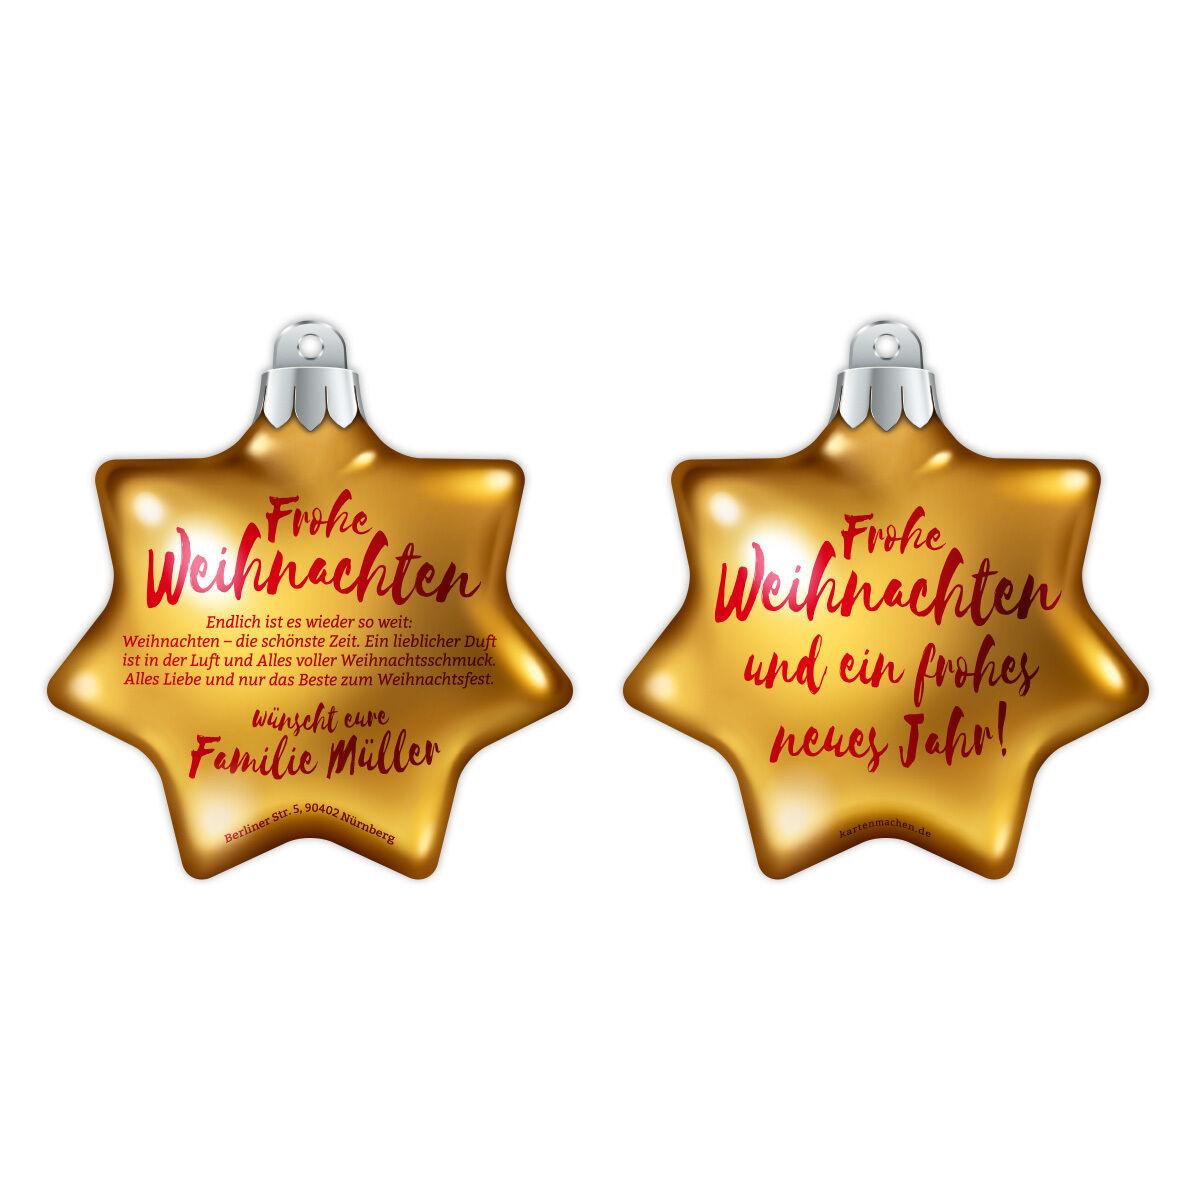 Weihnachtskarten als Weihnachtsdeko - Weihnachtsstern Fotoreal in Gelb